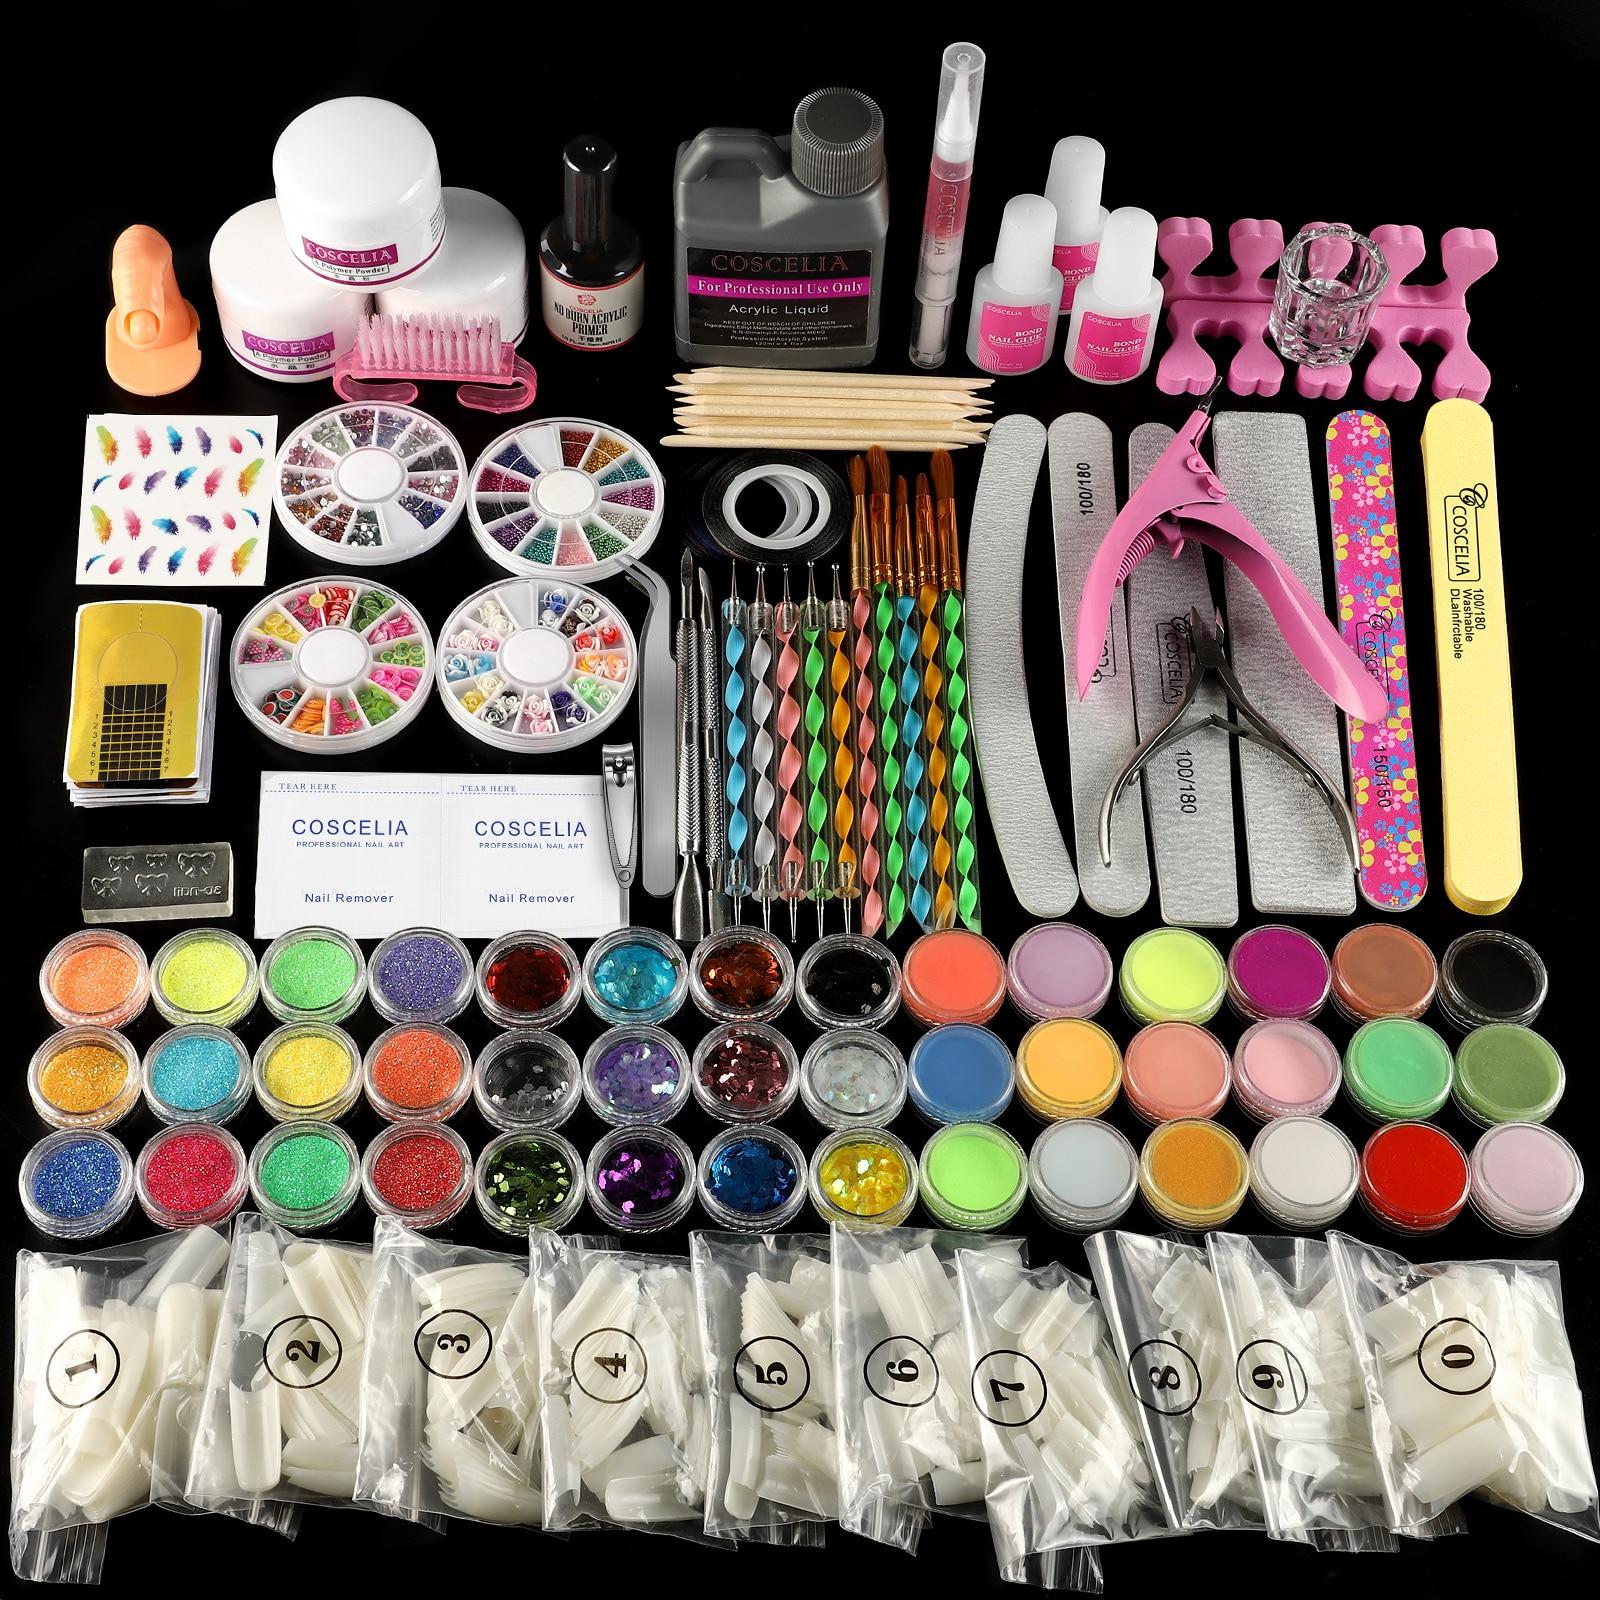 Pro akrylowy zestaw pełny zestaw do Manicure proszek akrylowy brokat 120ml płyn do zestawu Nail Art Clipper Tools komplet pędzli do Manicure